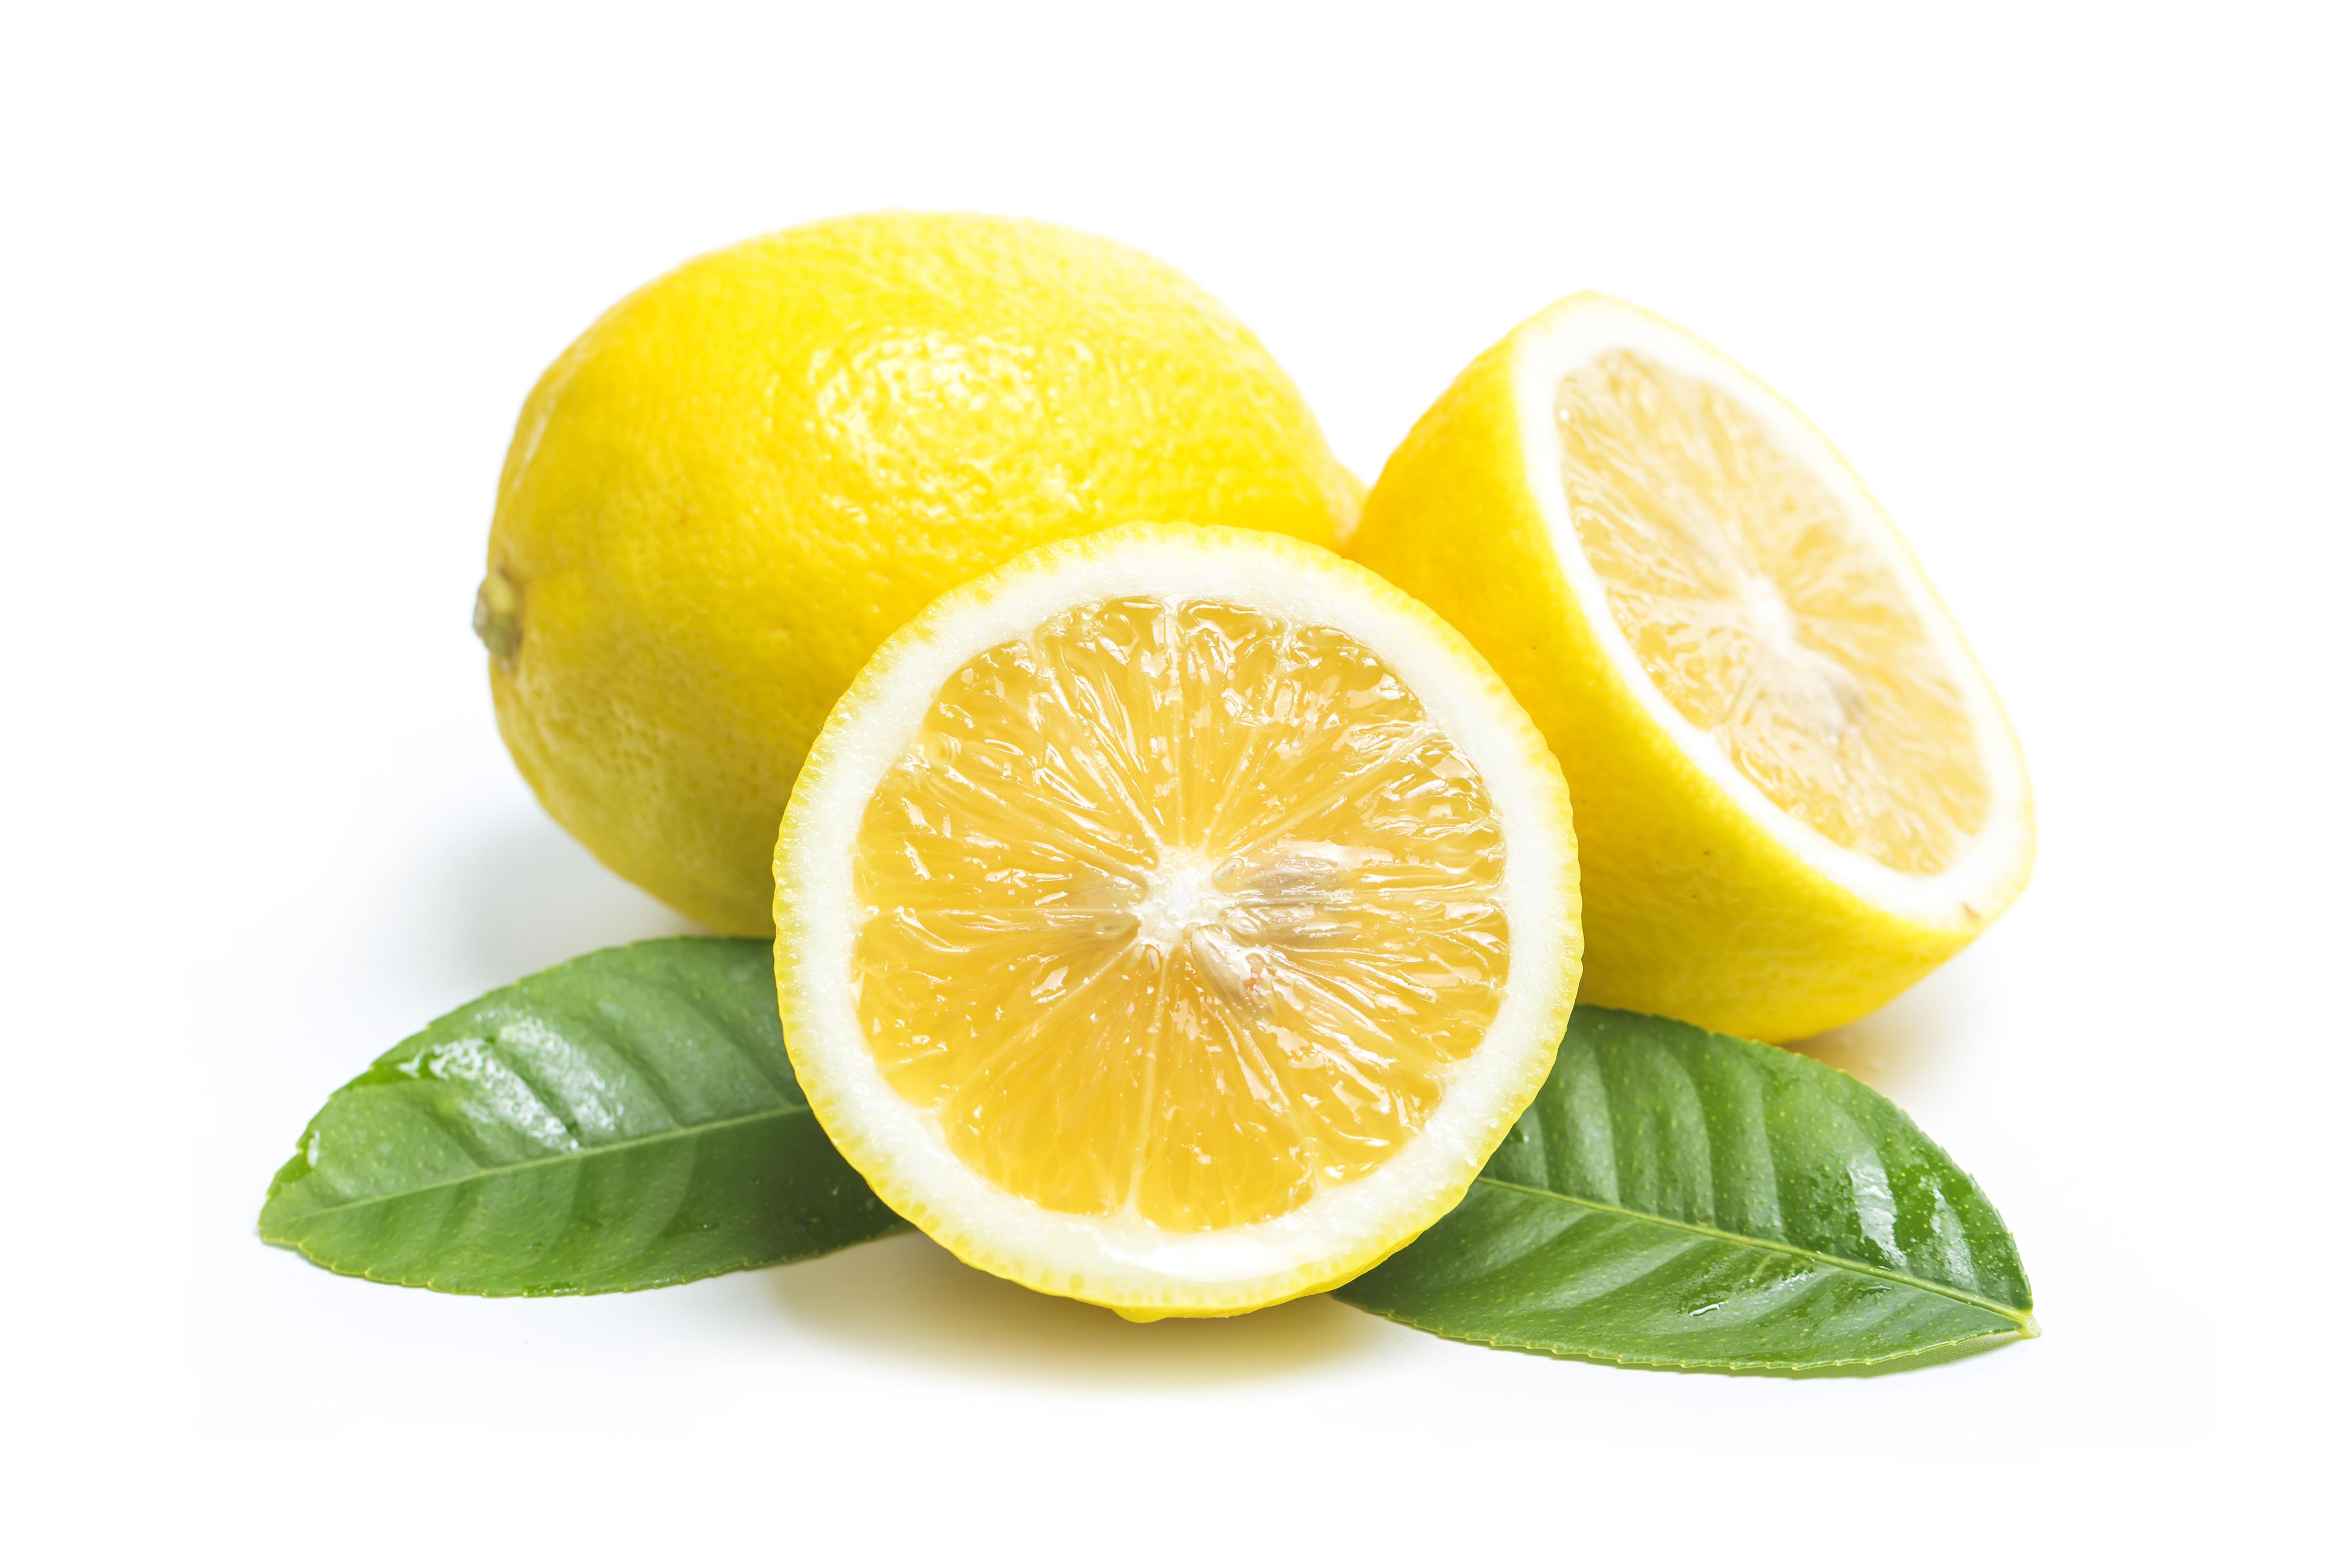 Água morna com limão limpa o organismo?